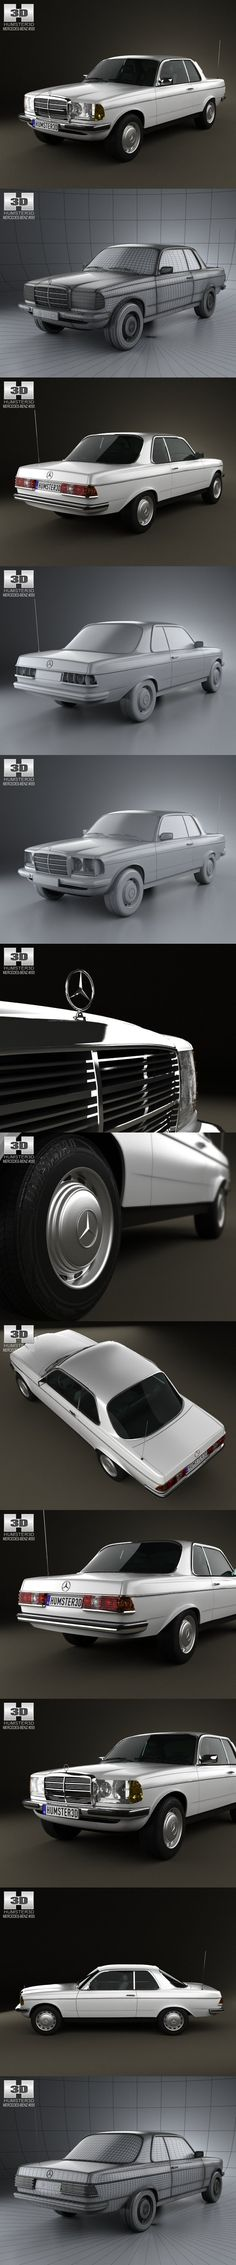 Mercedes-Benz E-Class W123 1975. 3D Vehicles